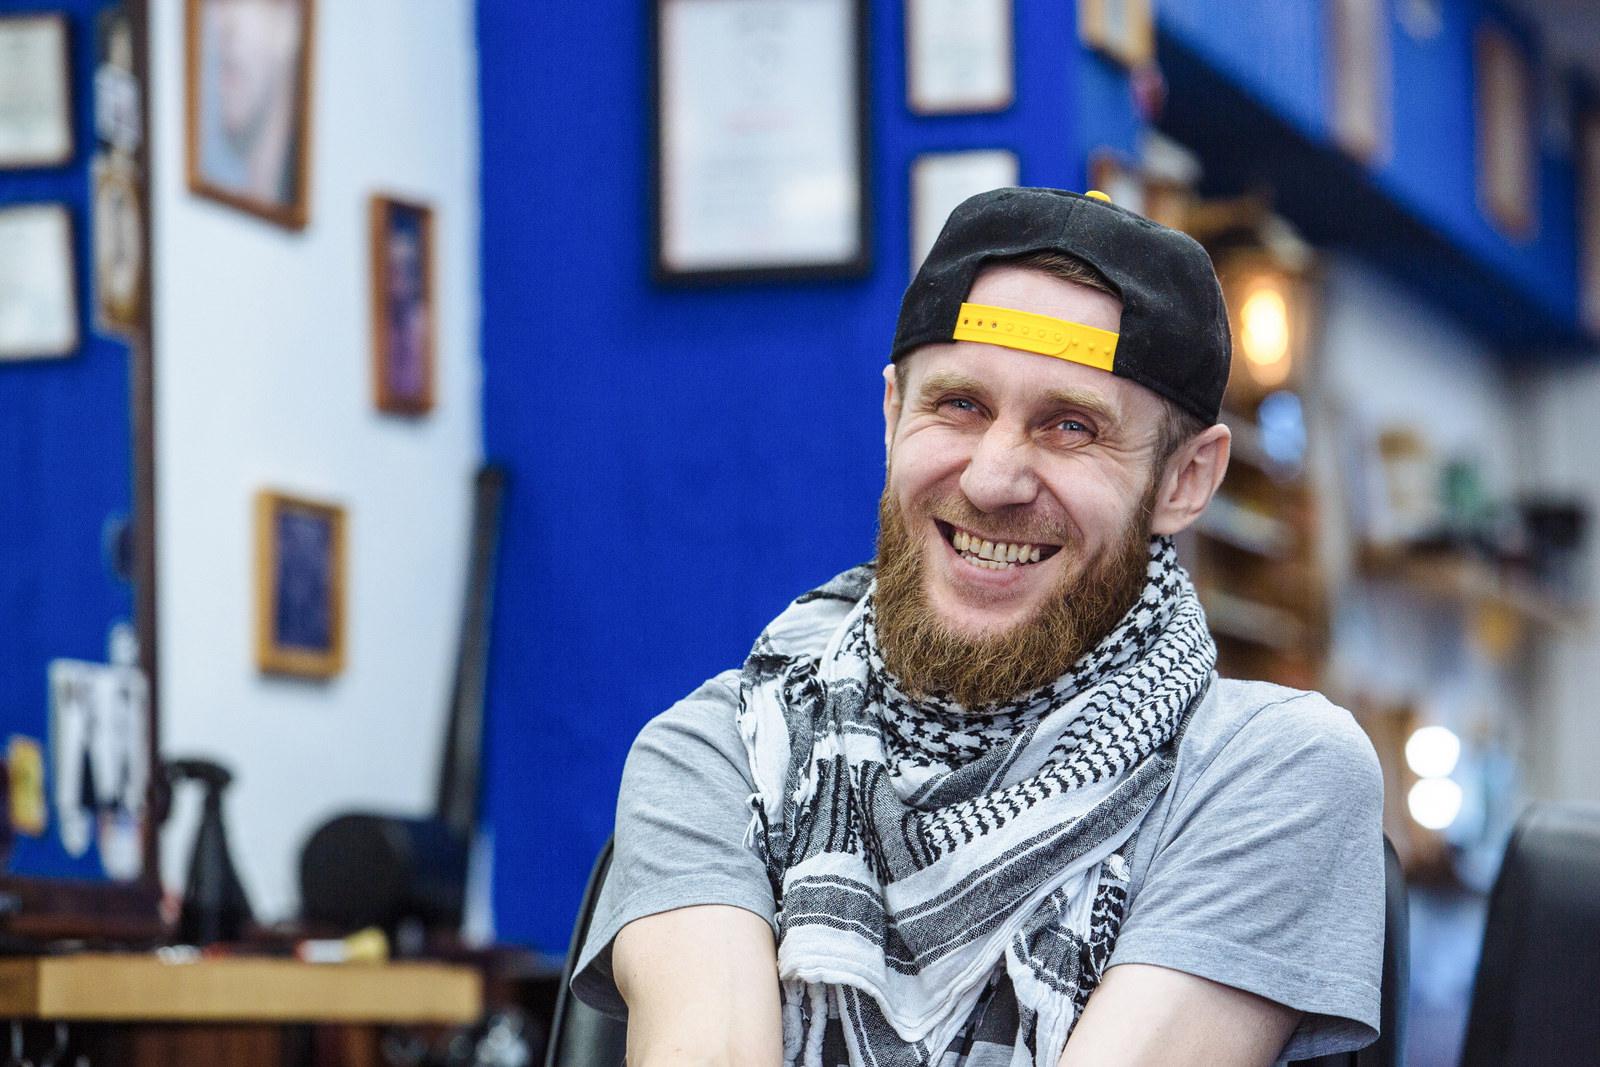 Рустам собирает кепки, из разных стран их ему привозят друзья и клиенты